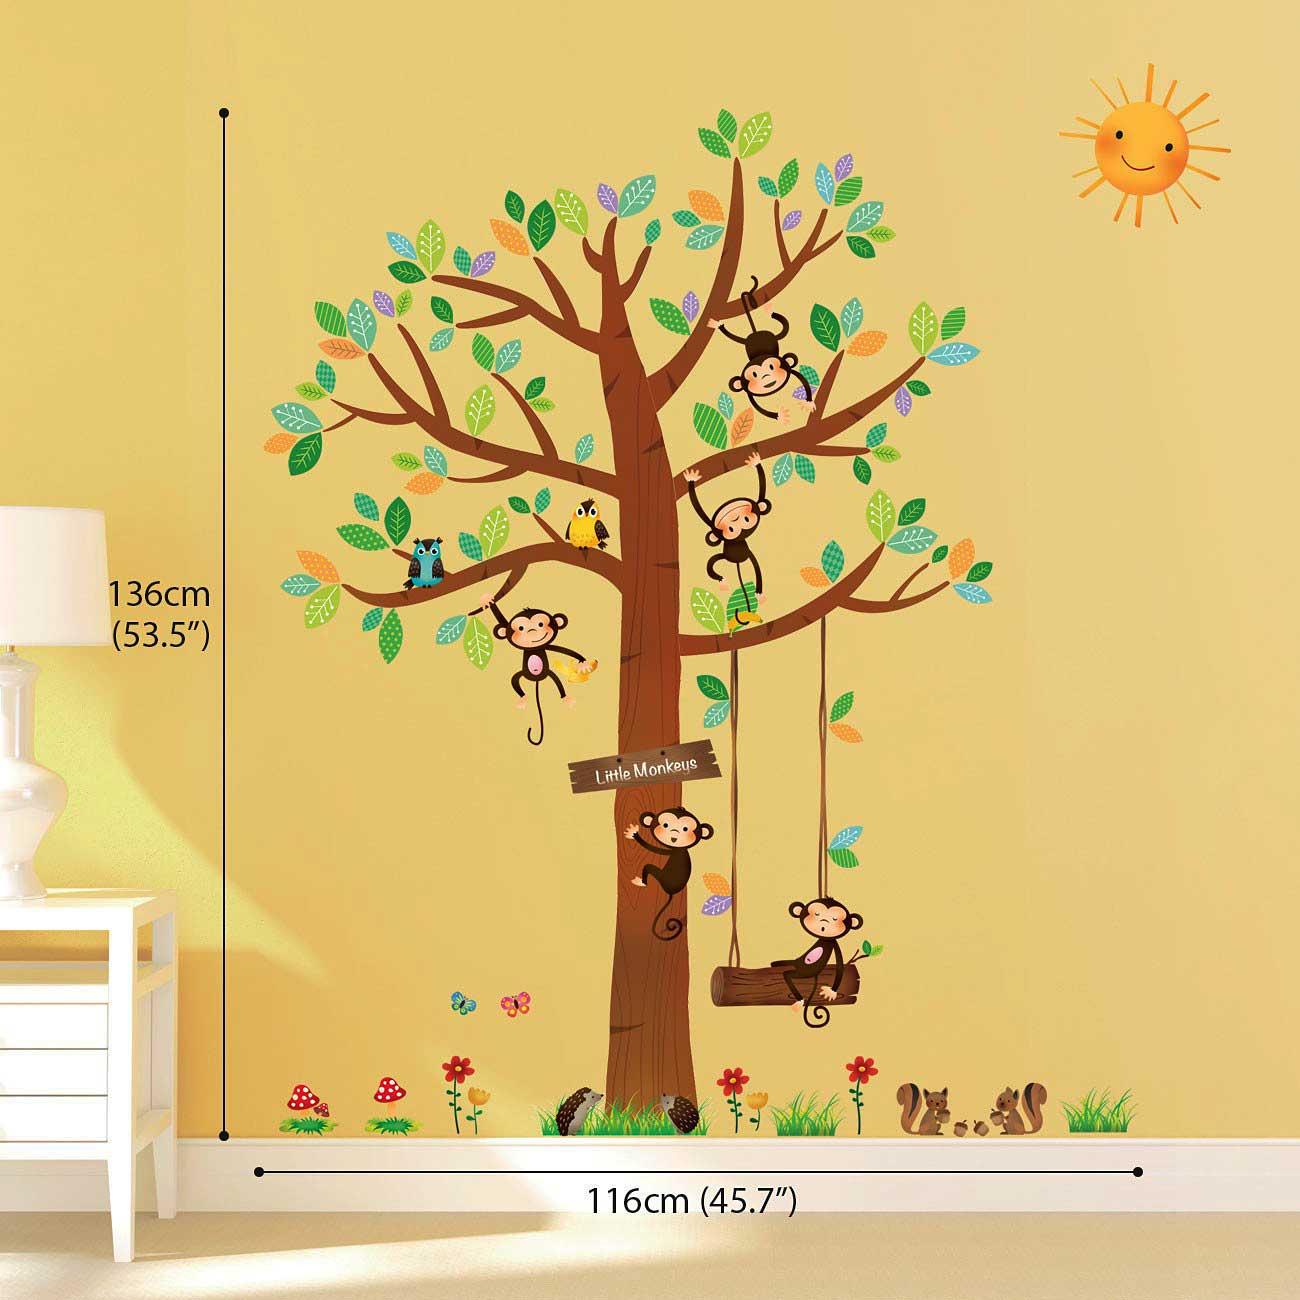 wandsticker 5 kleine affen auf dem baum 151 cm rakuten. Black Bedroom Furniture Sets. Home Design Ideas